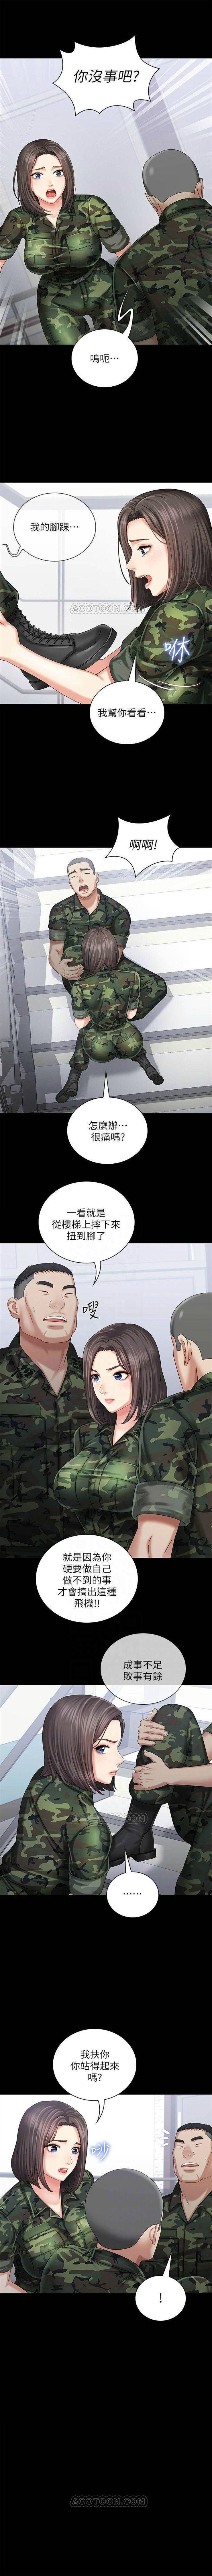 (周6)妹妹的义务 1-13 中文翻译(更新中) 105